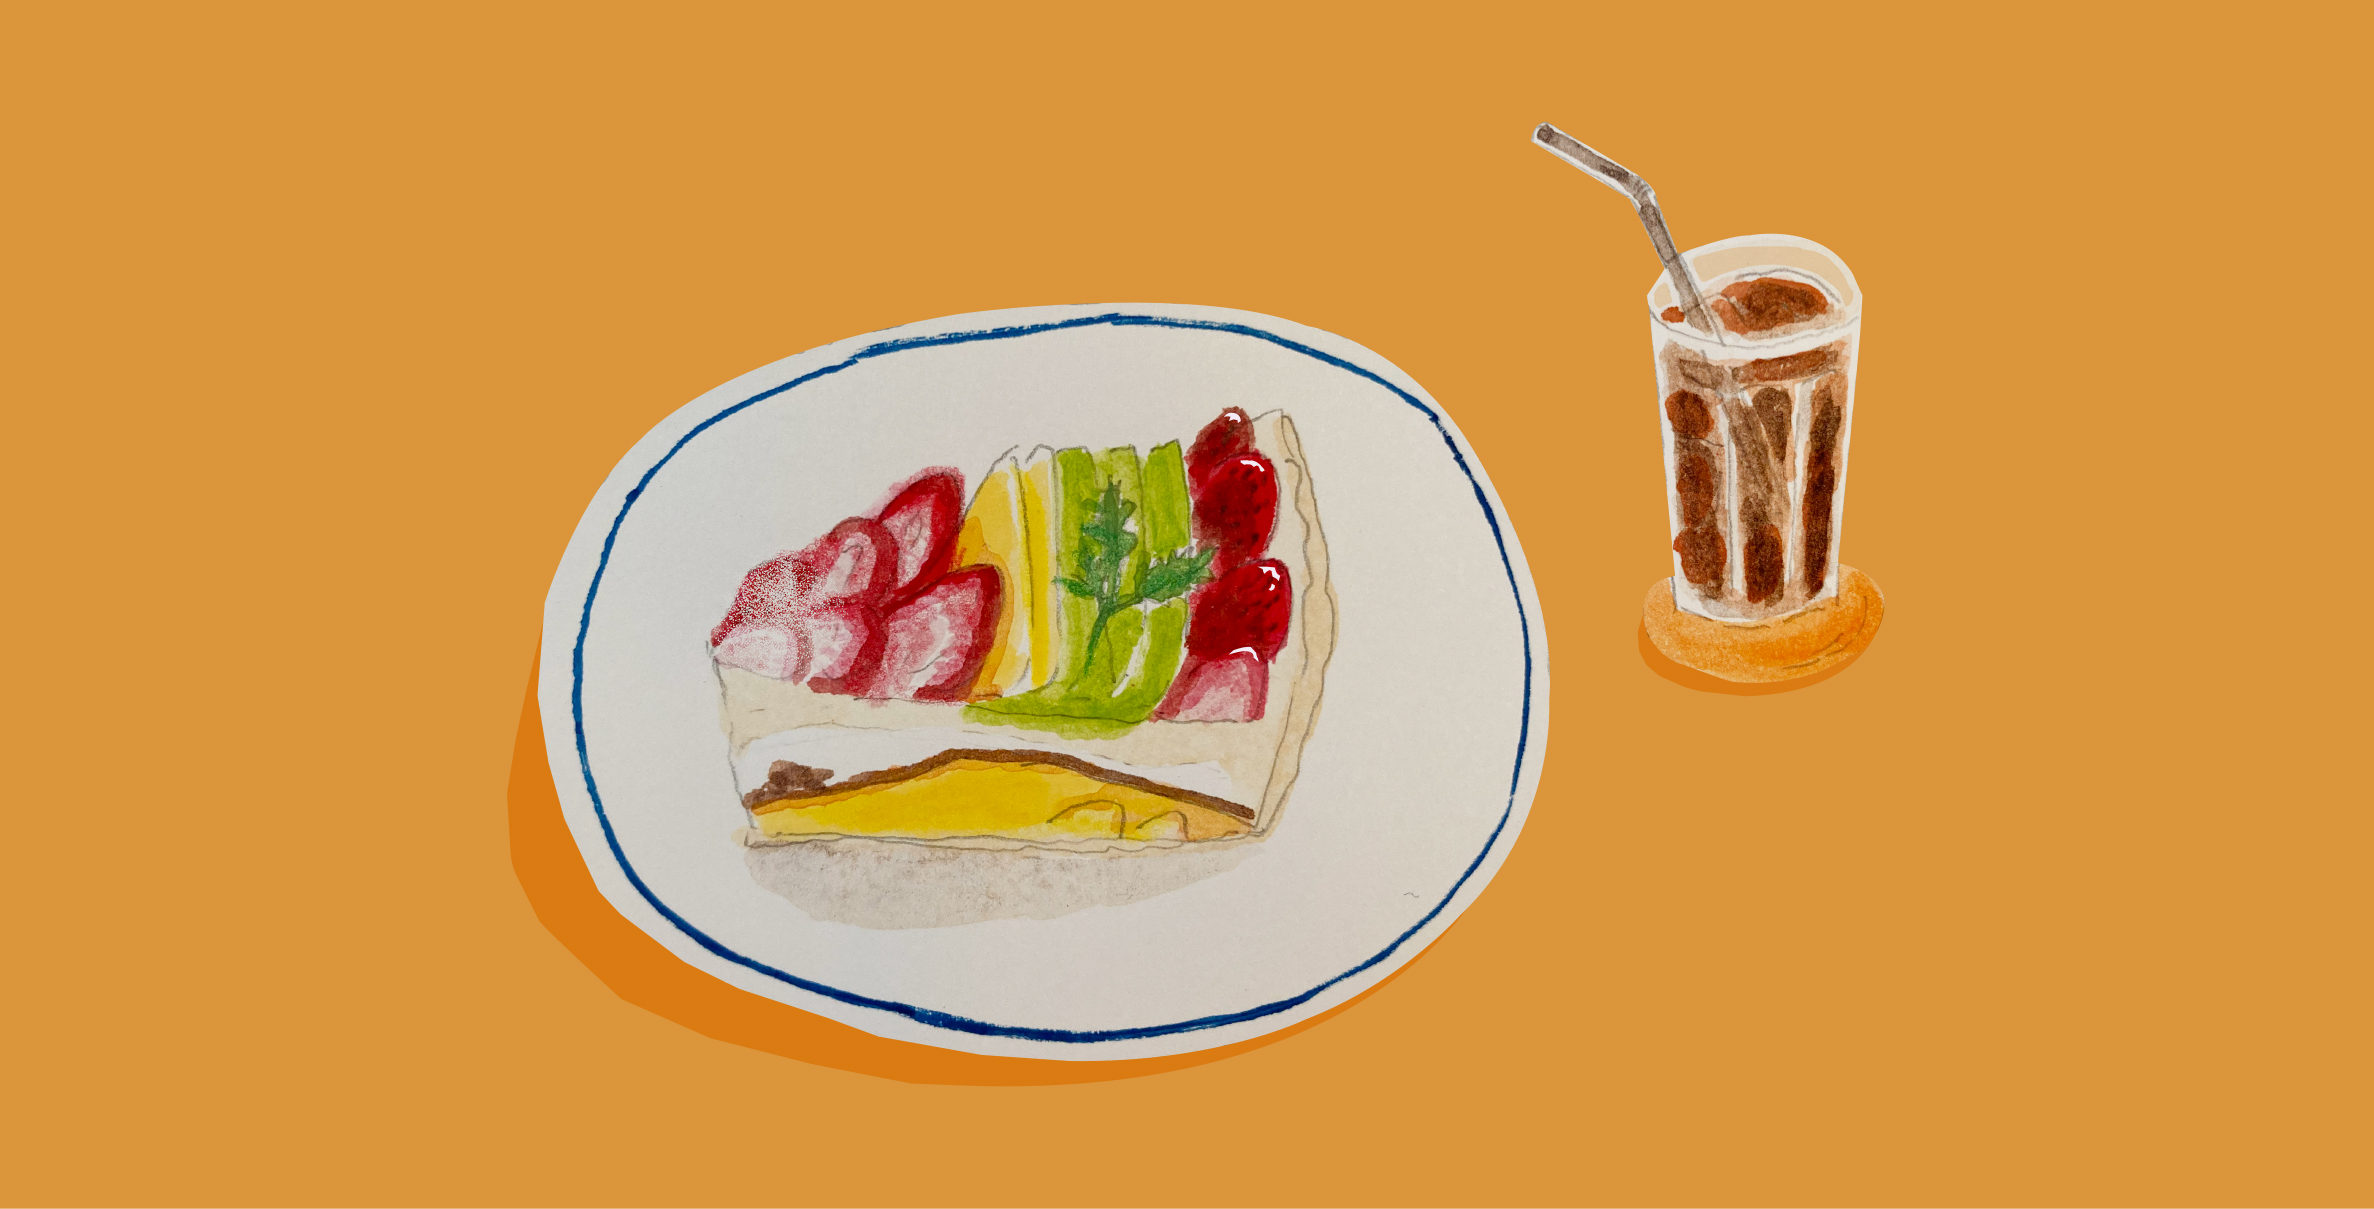 くらしとおやつ 「café mozart Figaro(カフェモーツァルトフィガロ)」のフルーツタルト